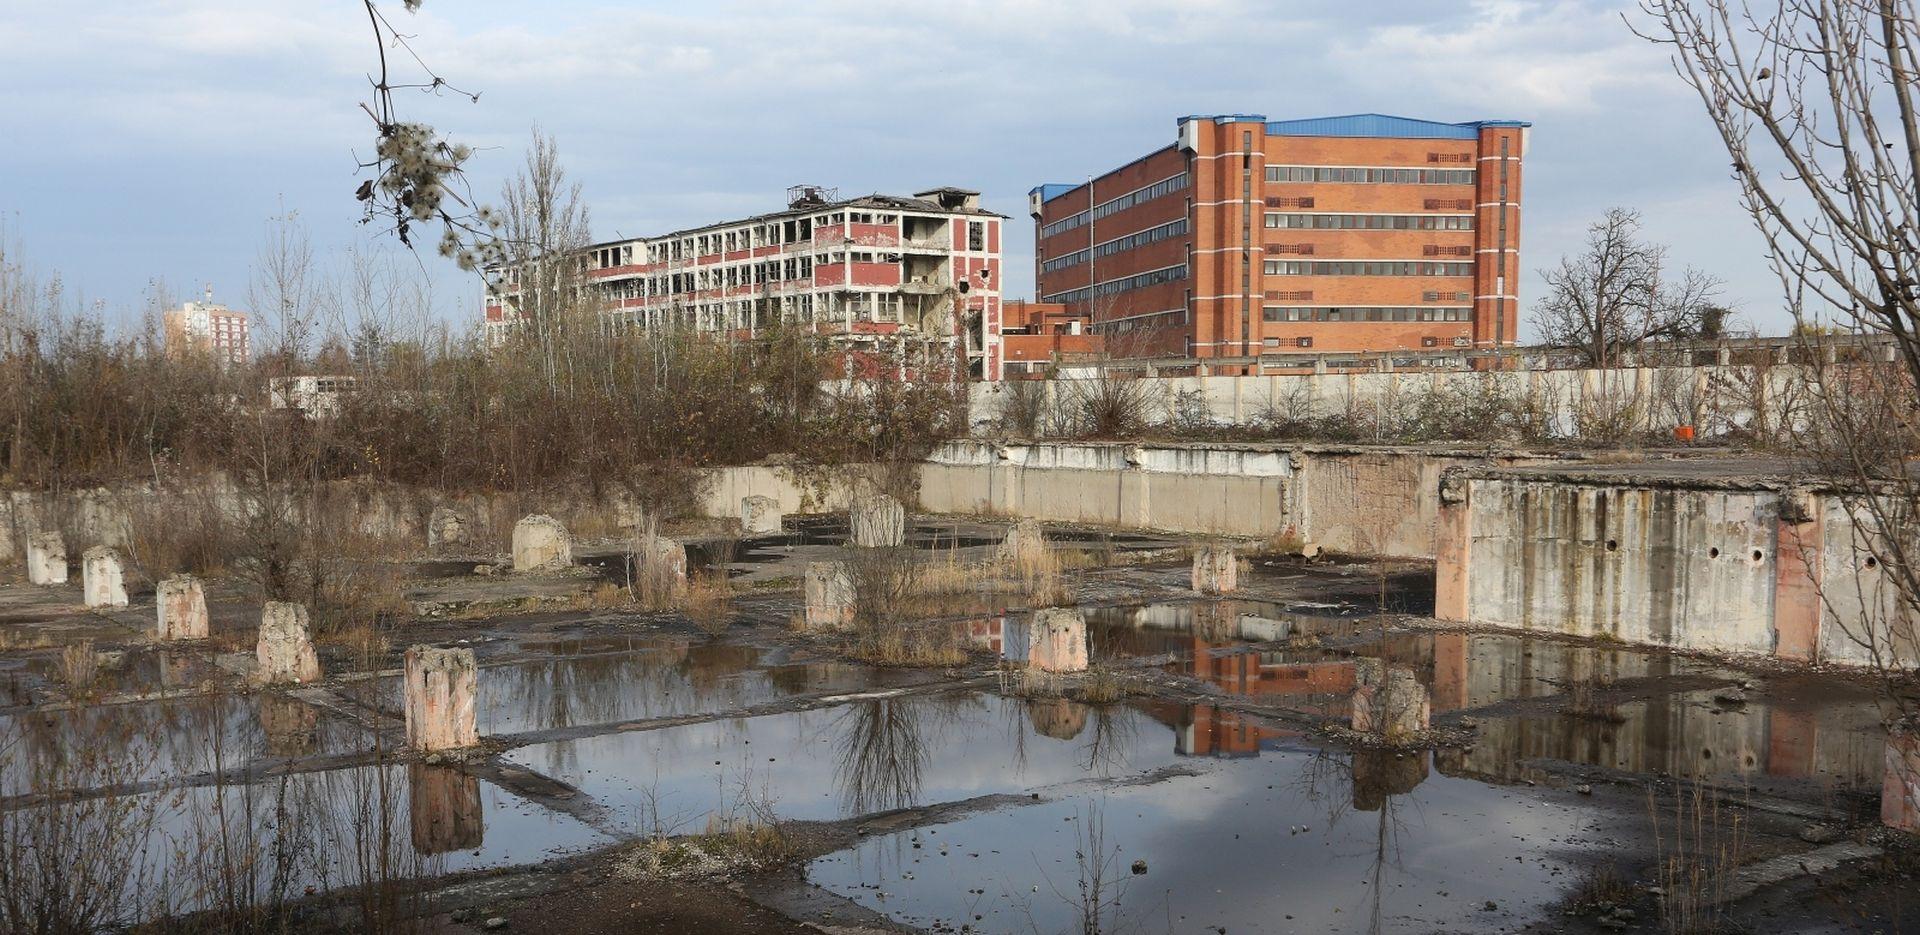 Obilježavanje stradanja žrtava Borova naselja